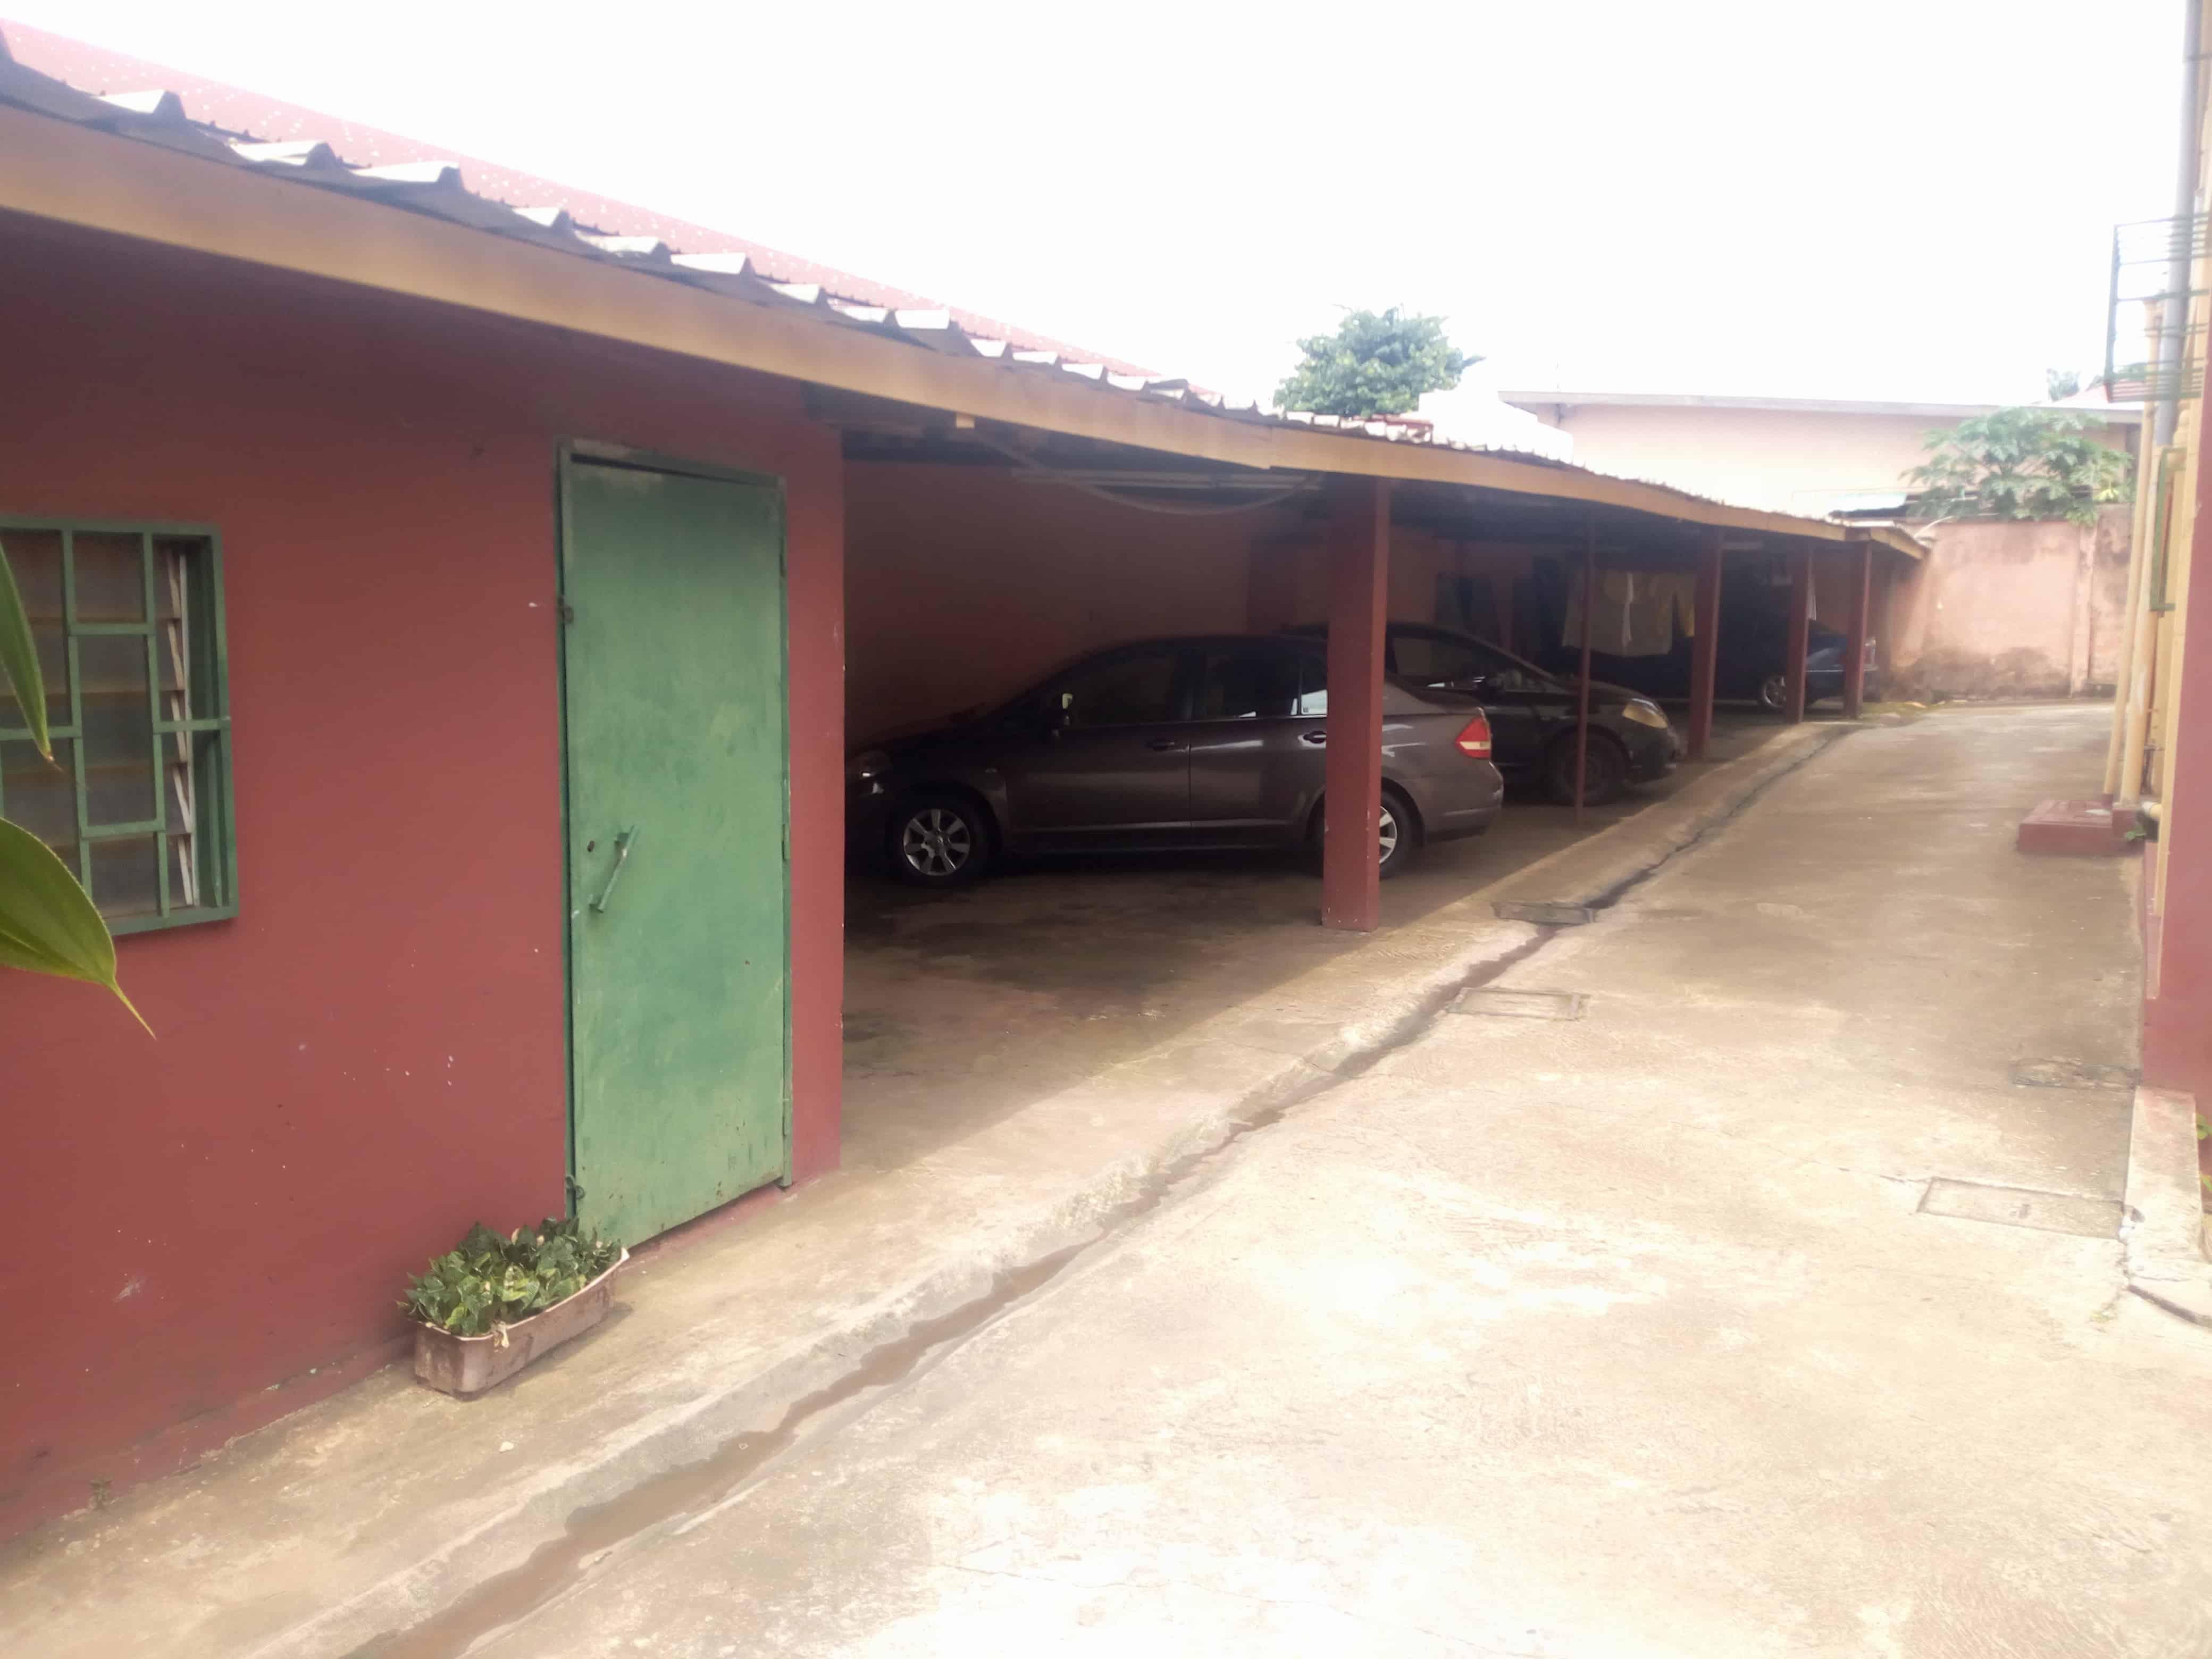 House (Villa) for sale - Yaoundé, Bastos, Immeuble à vendre Yaoundé vallée bastos en bordure de la route principale - 1 living room(s), 4 bedroom(s), 3 bathroom(s) - 750 000 000 FCFA / month